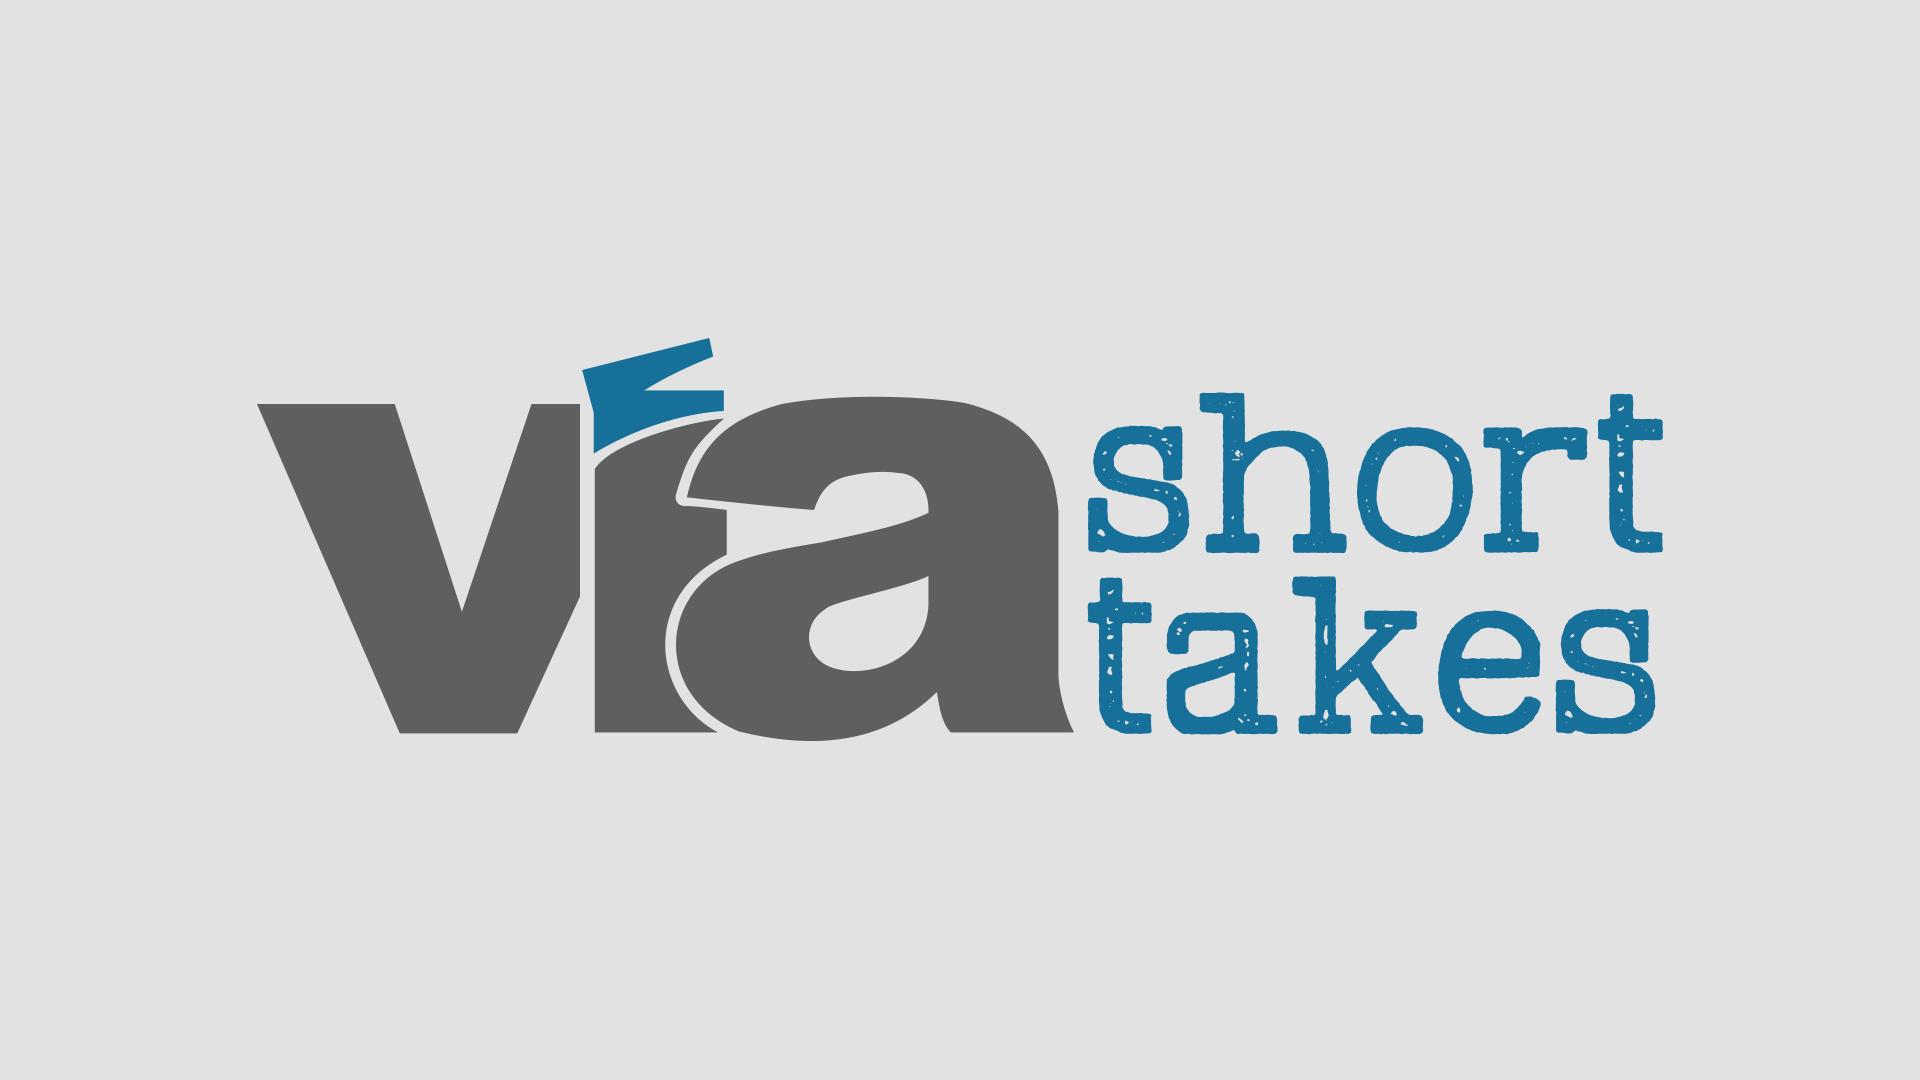 VIA Short Takes